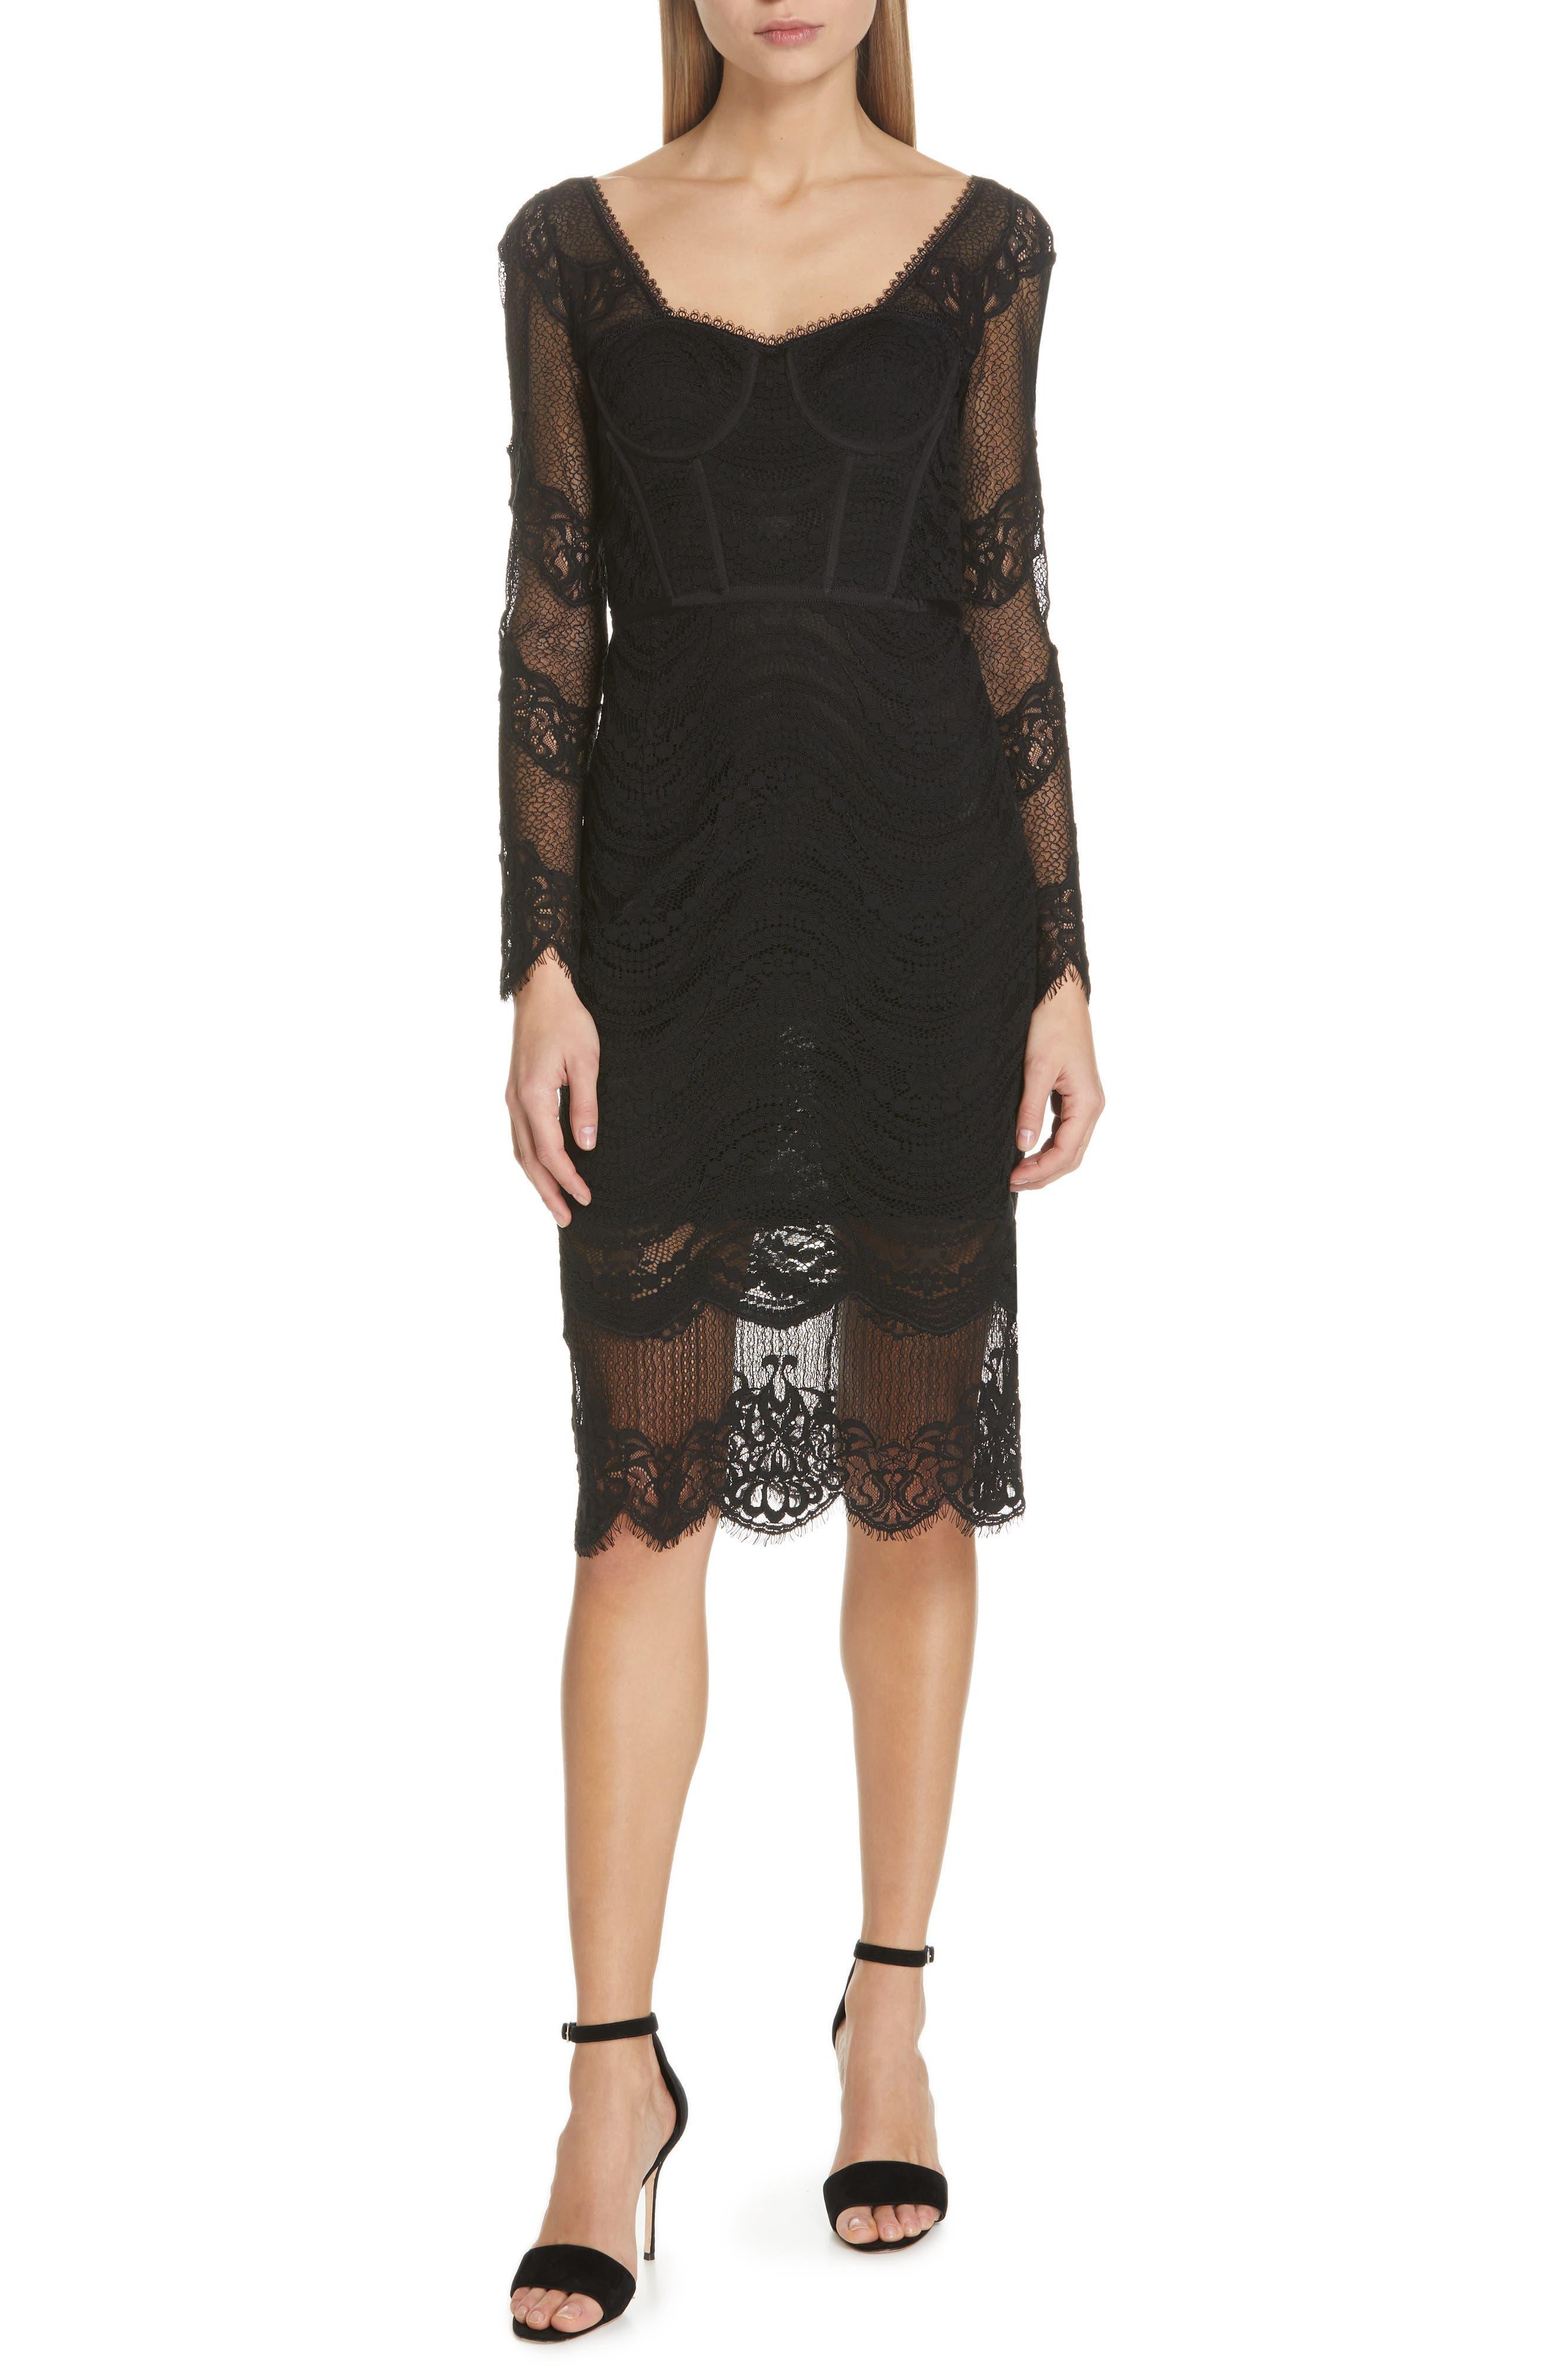 JONATHAN SIMKHAI Lace Bustier Bodysuit Dress, Main, color, BLACK